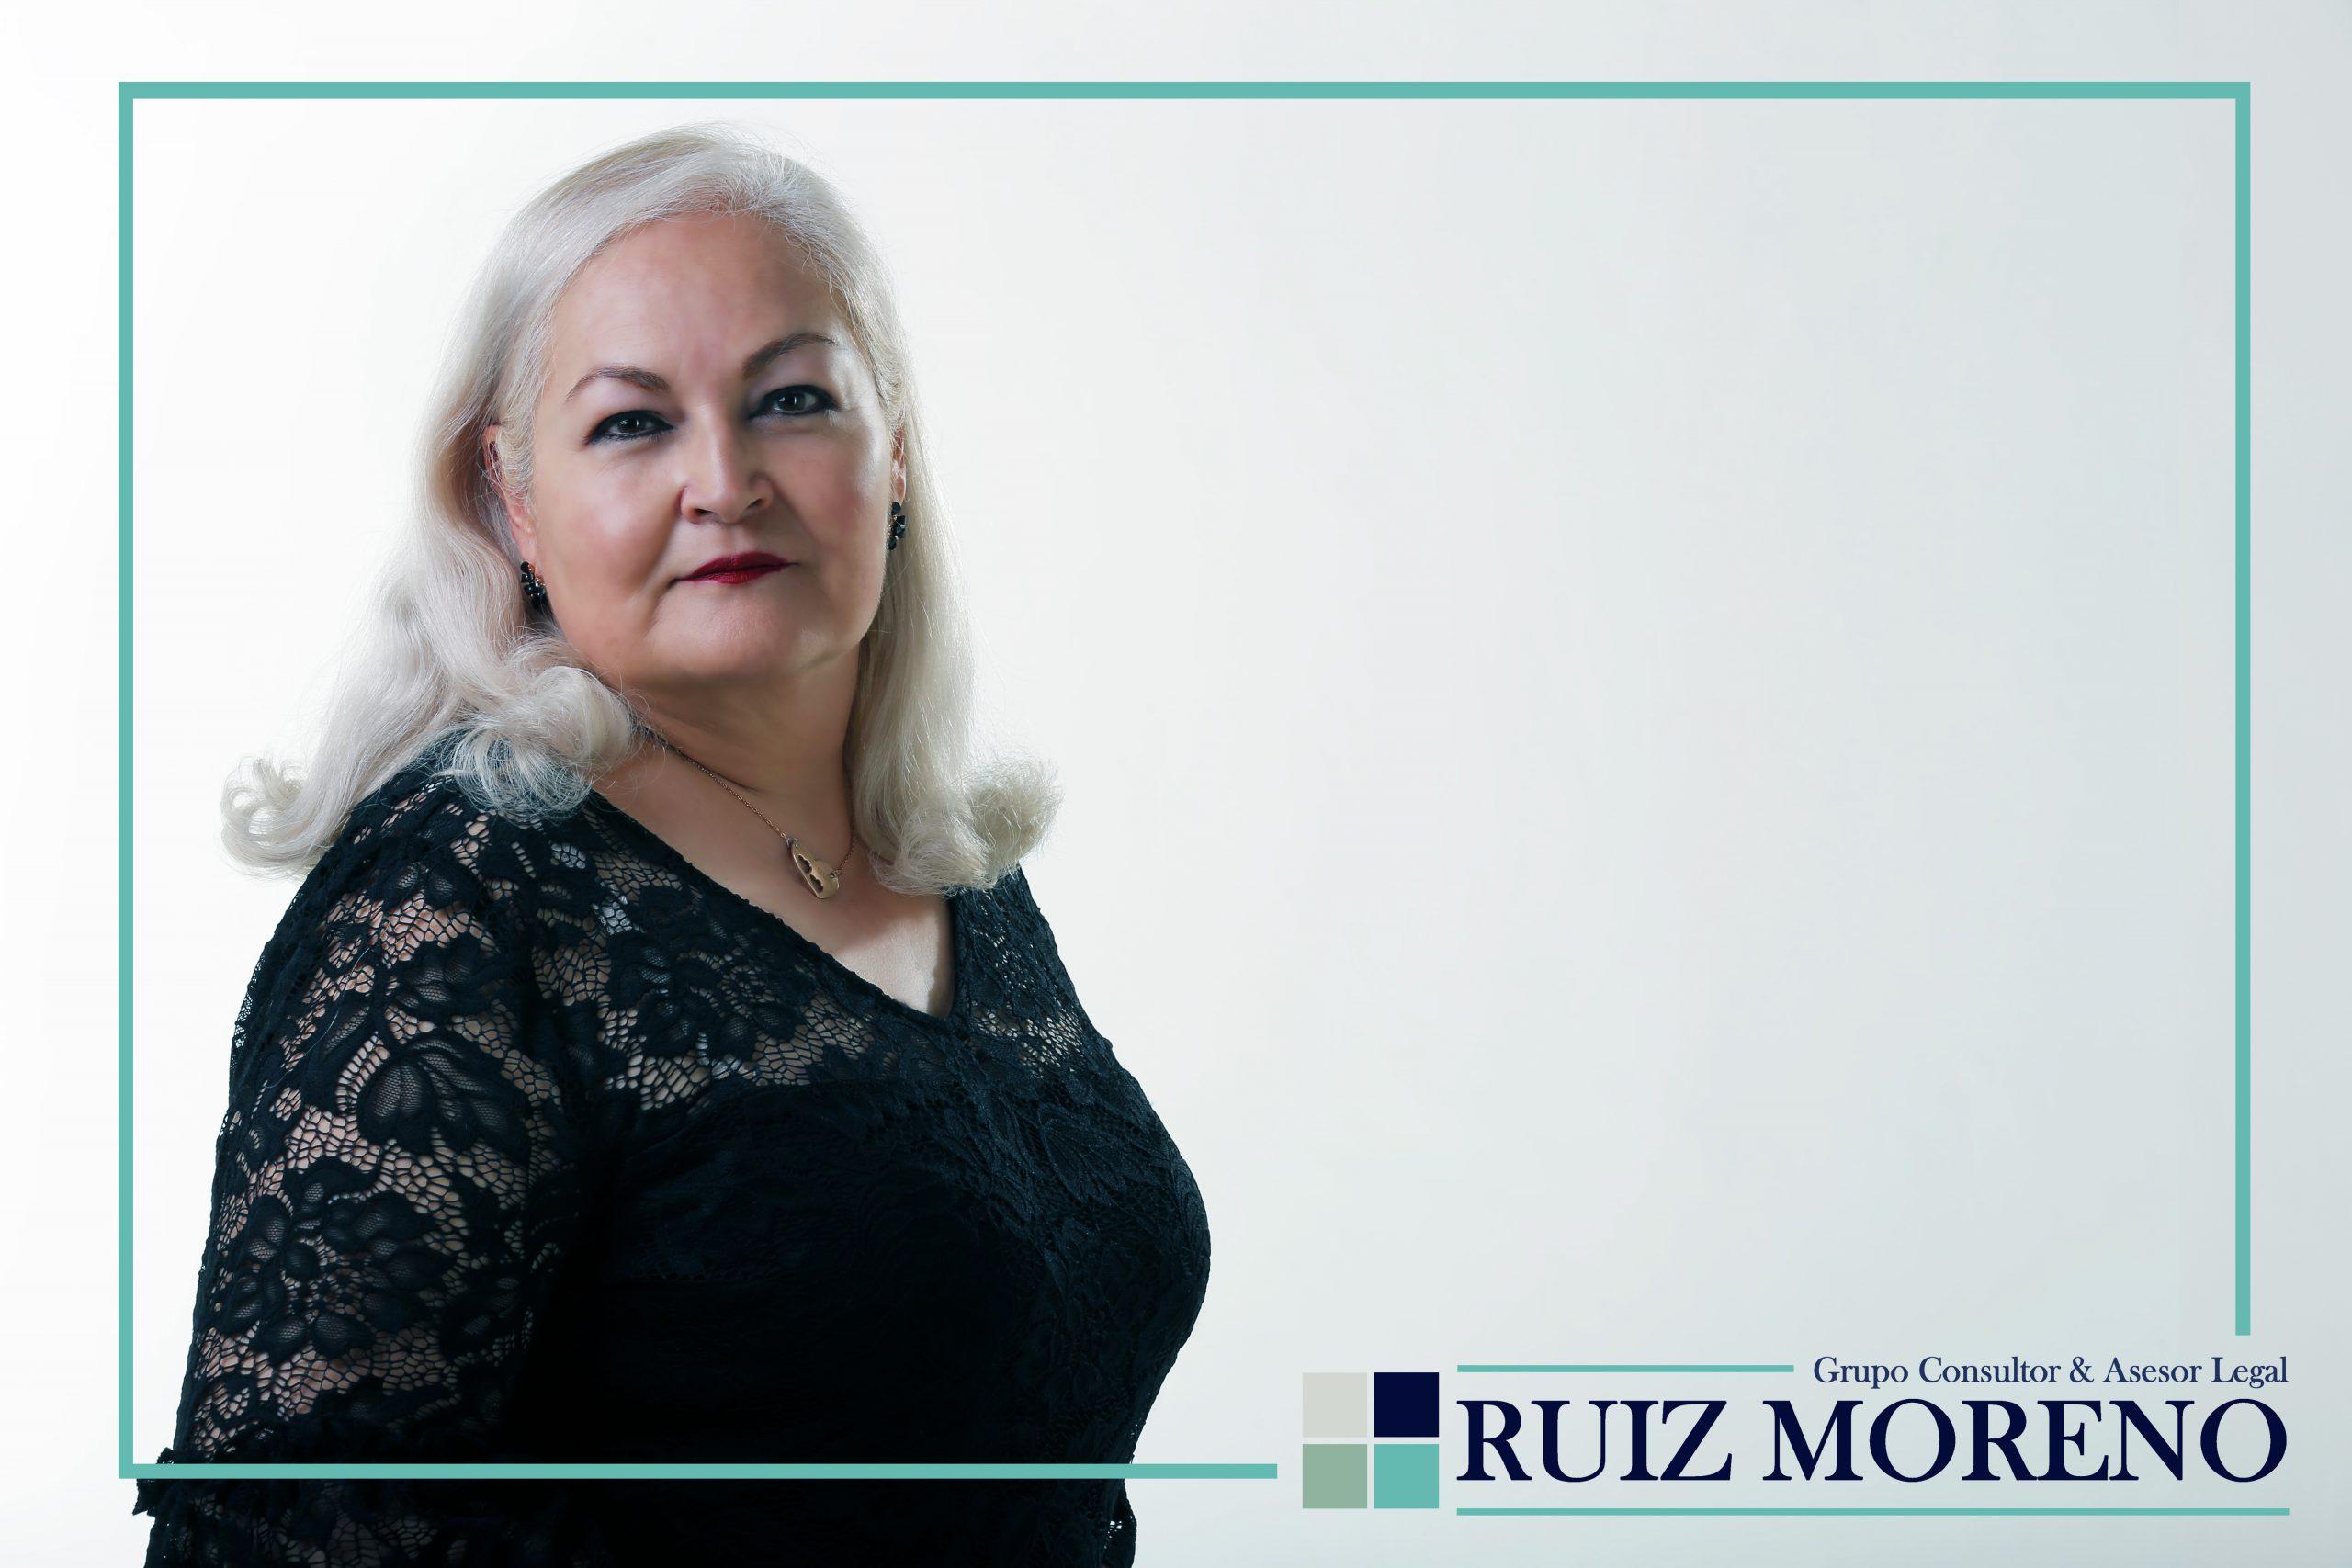 Dra. Maria del Rosario Ruiz Moreno